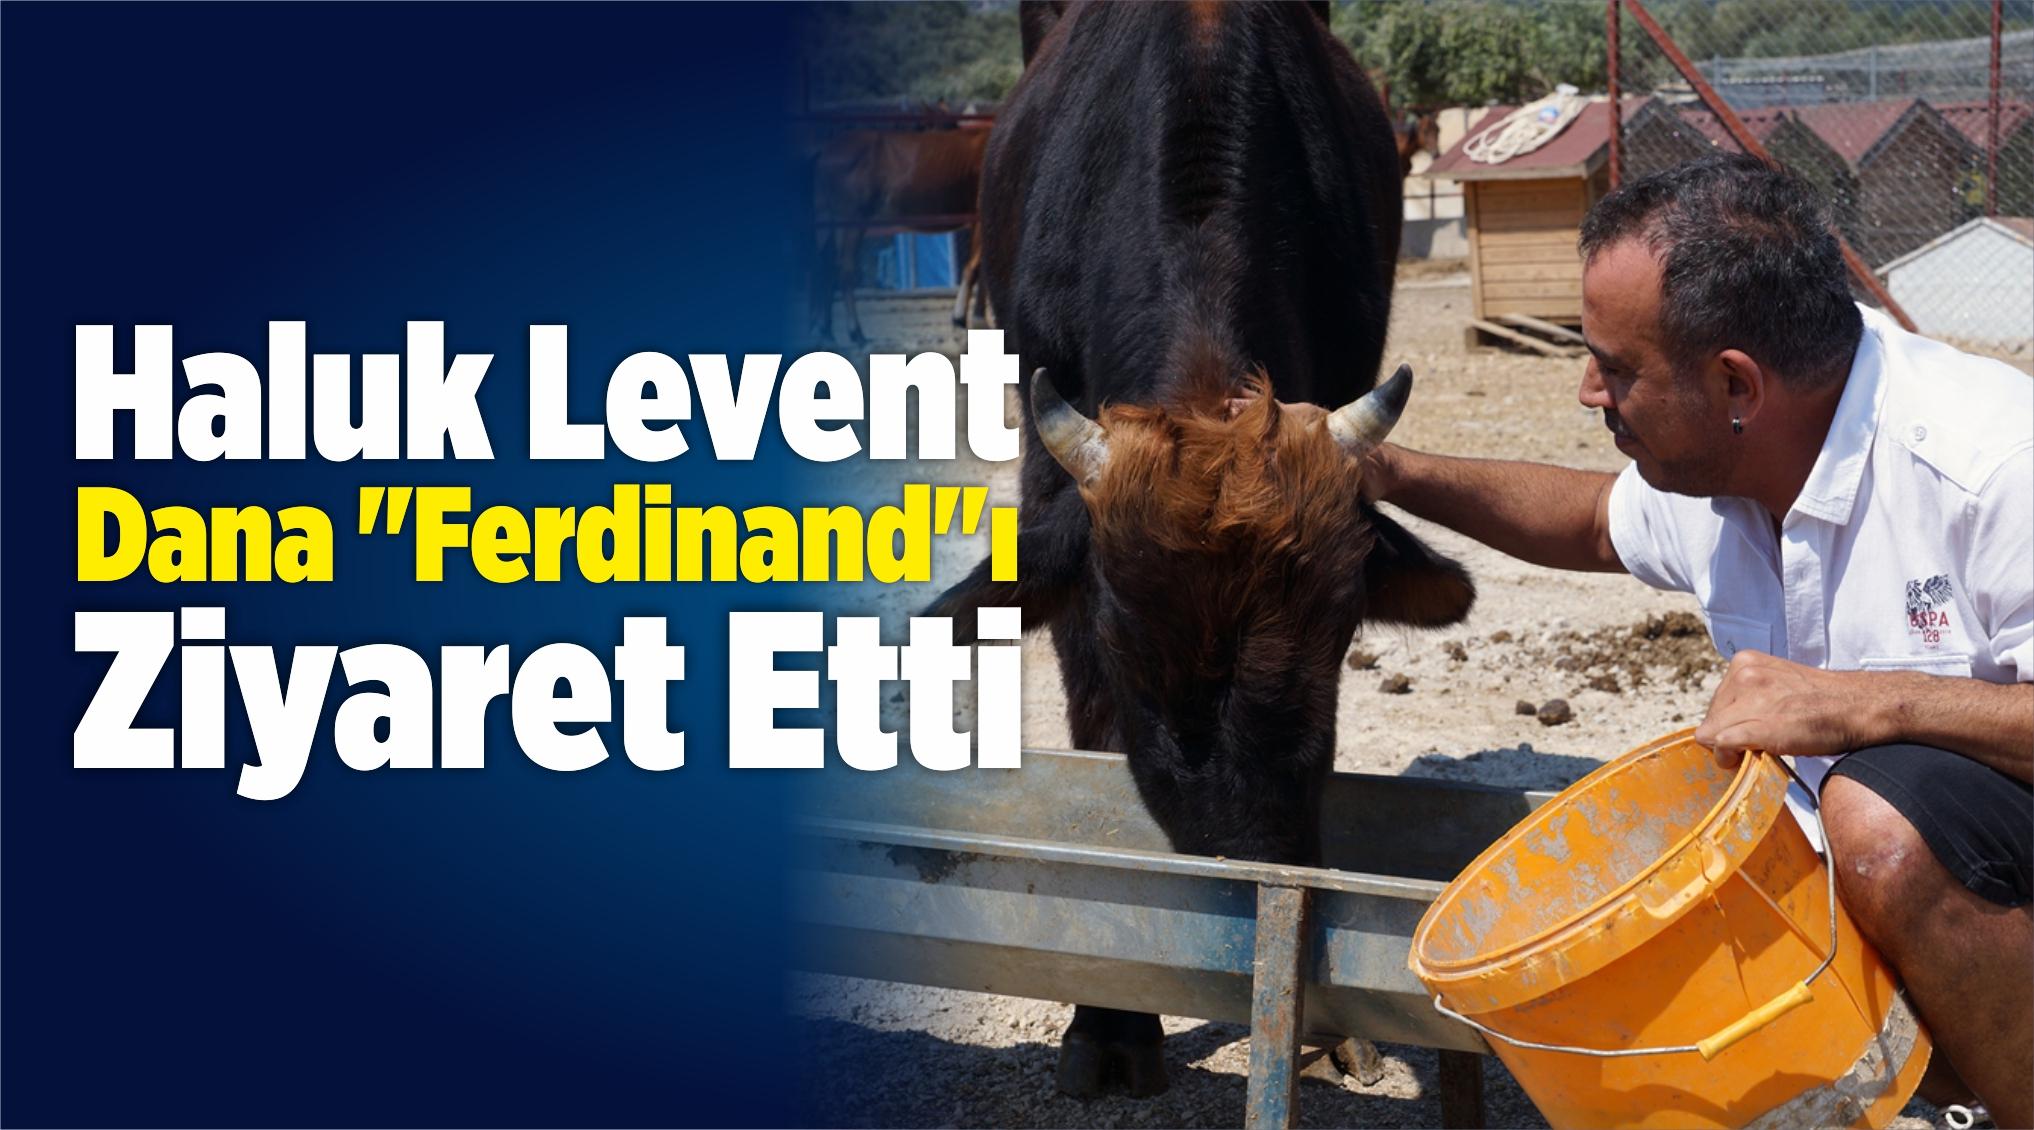 """Sanatçı Haluk Levent Dana """"Ferdinand""""ı Ziyaret Etti"""